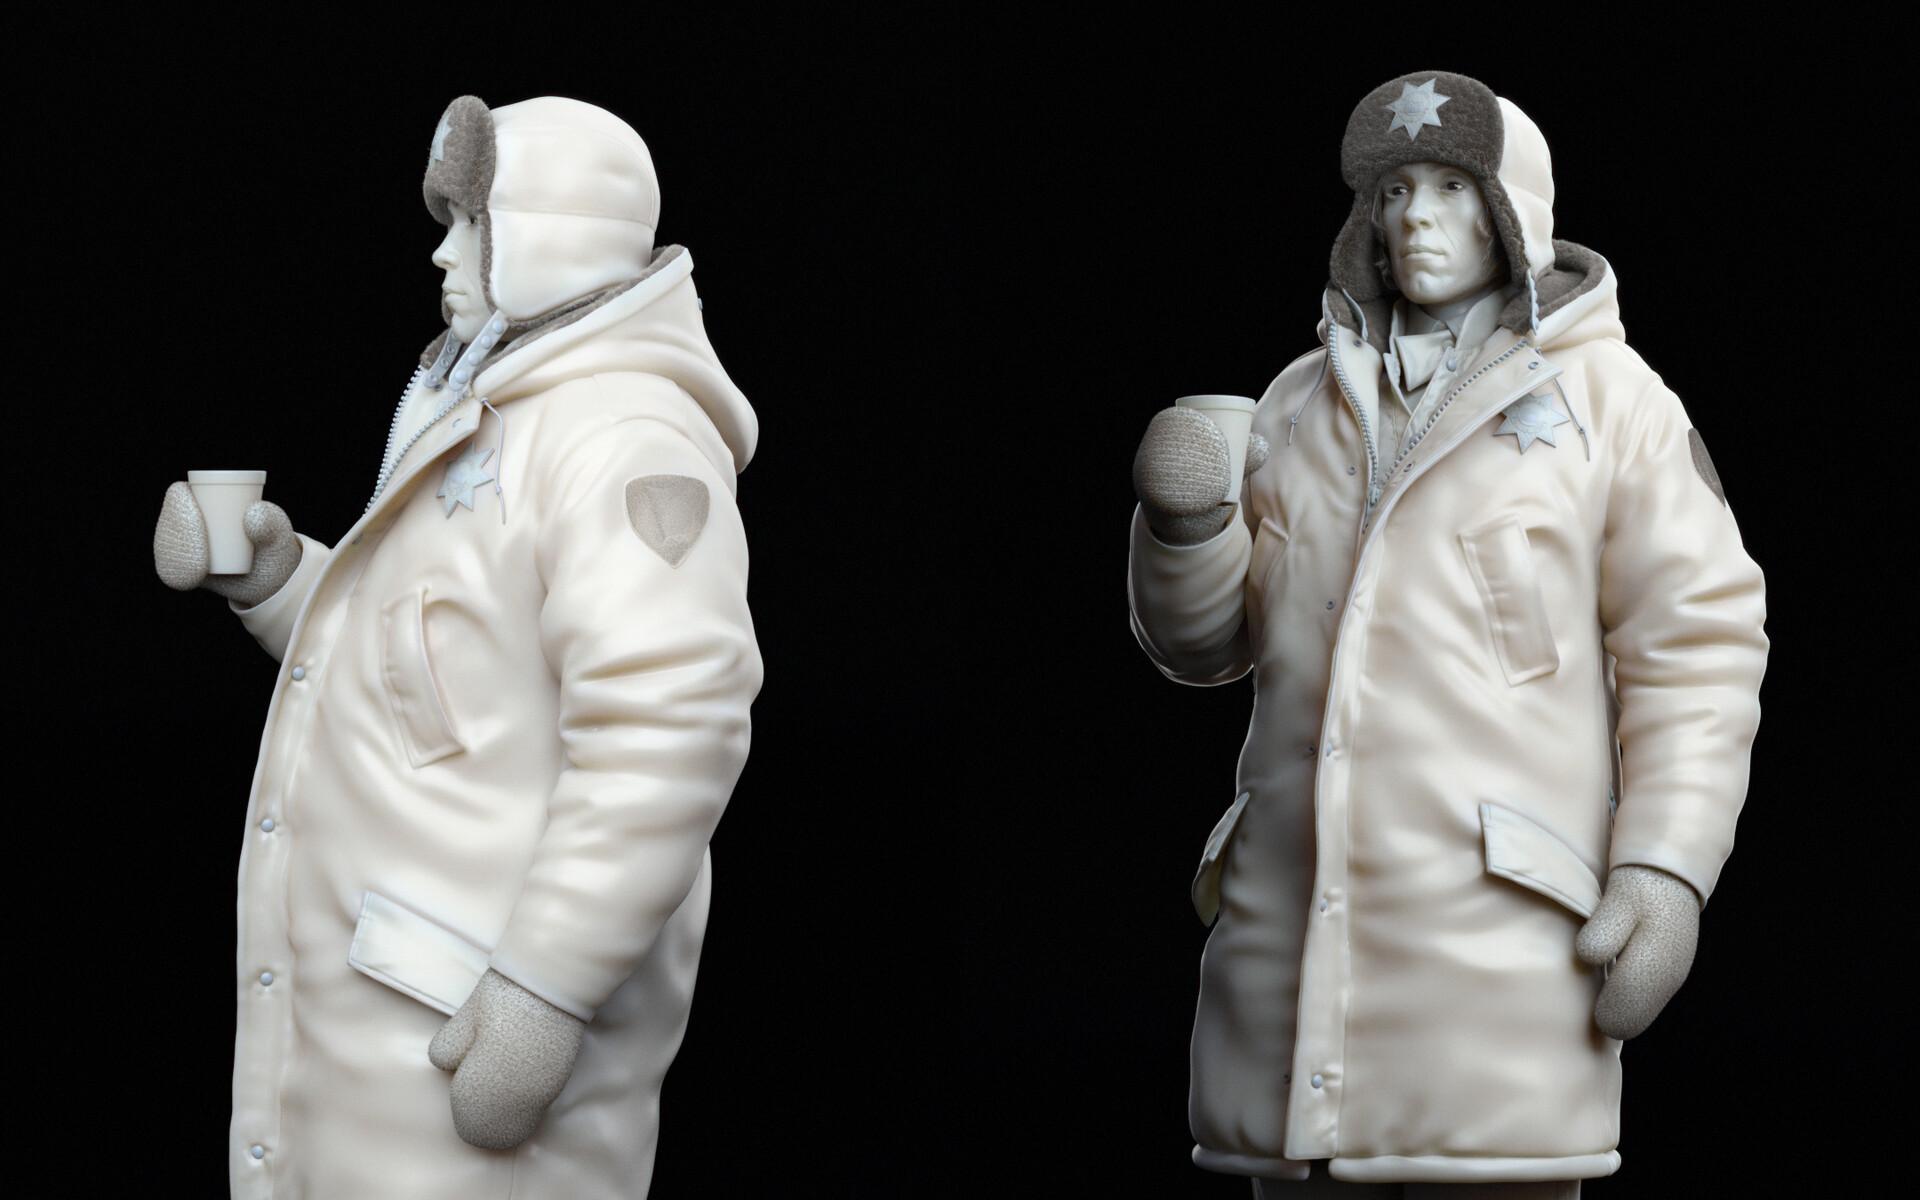 Medium closeups on character sculpt